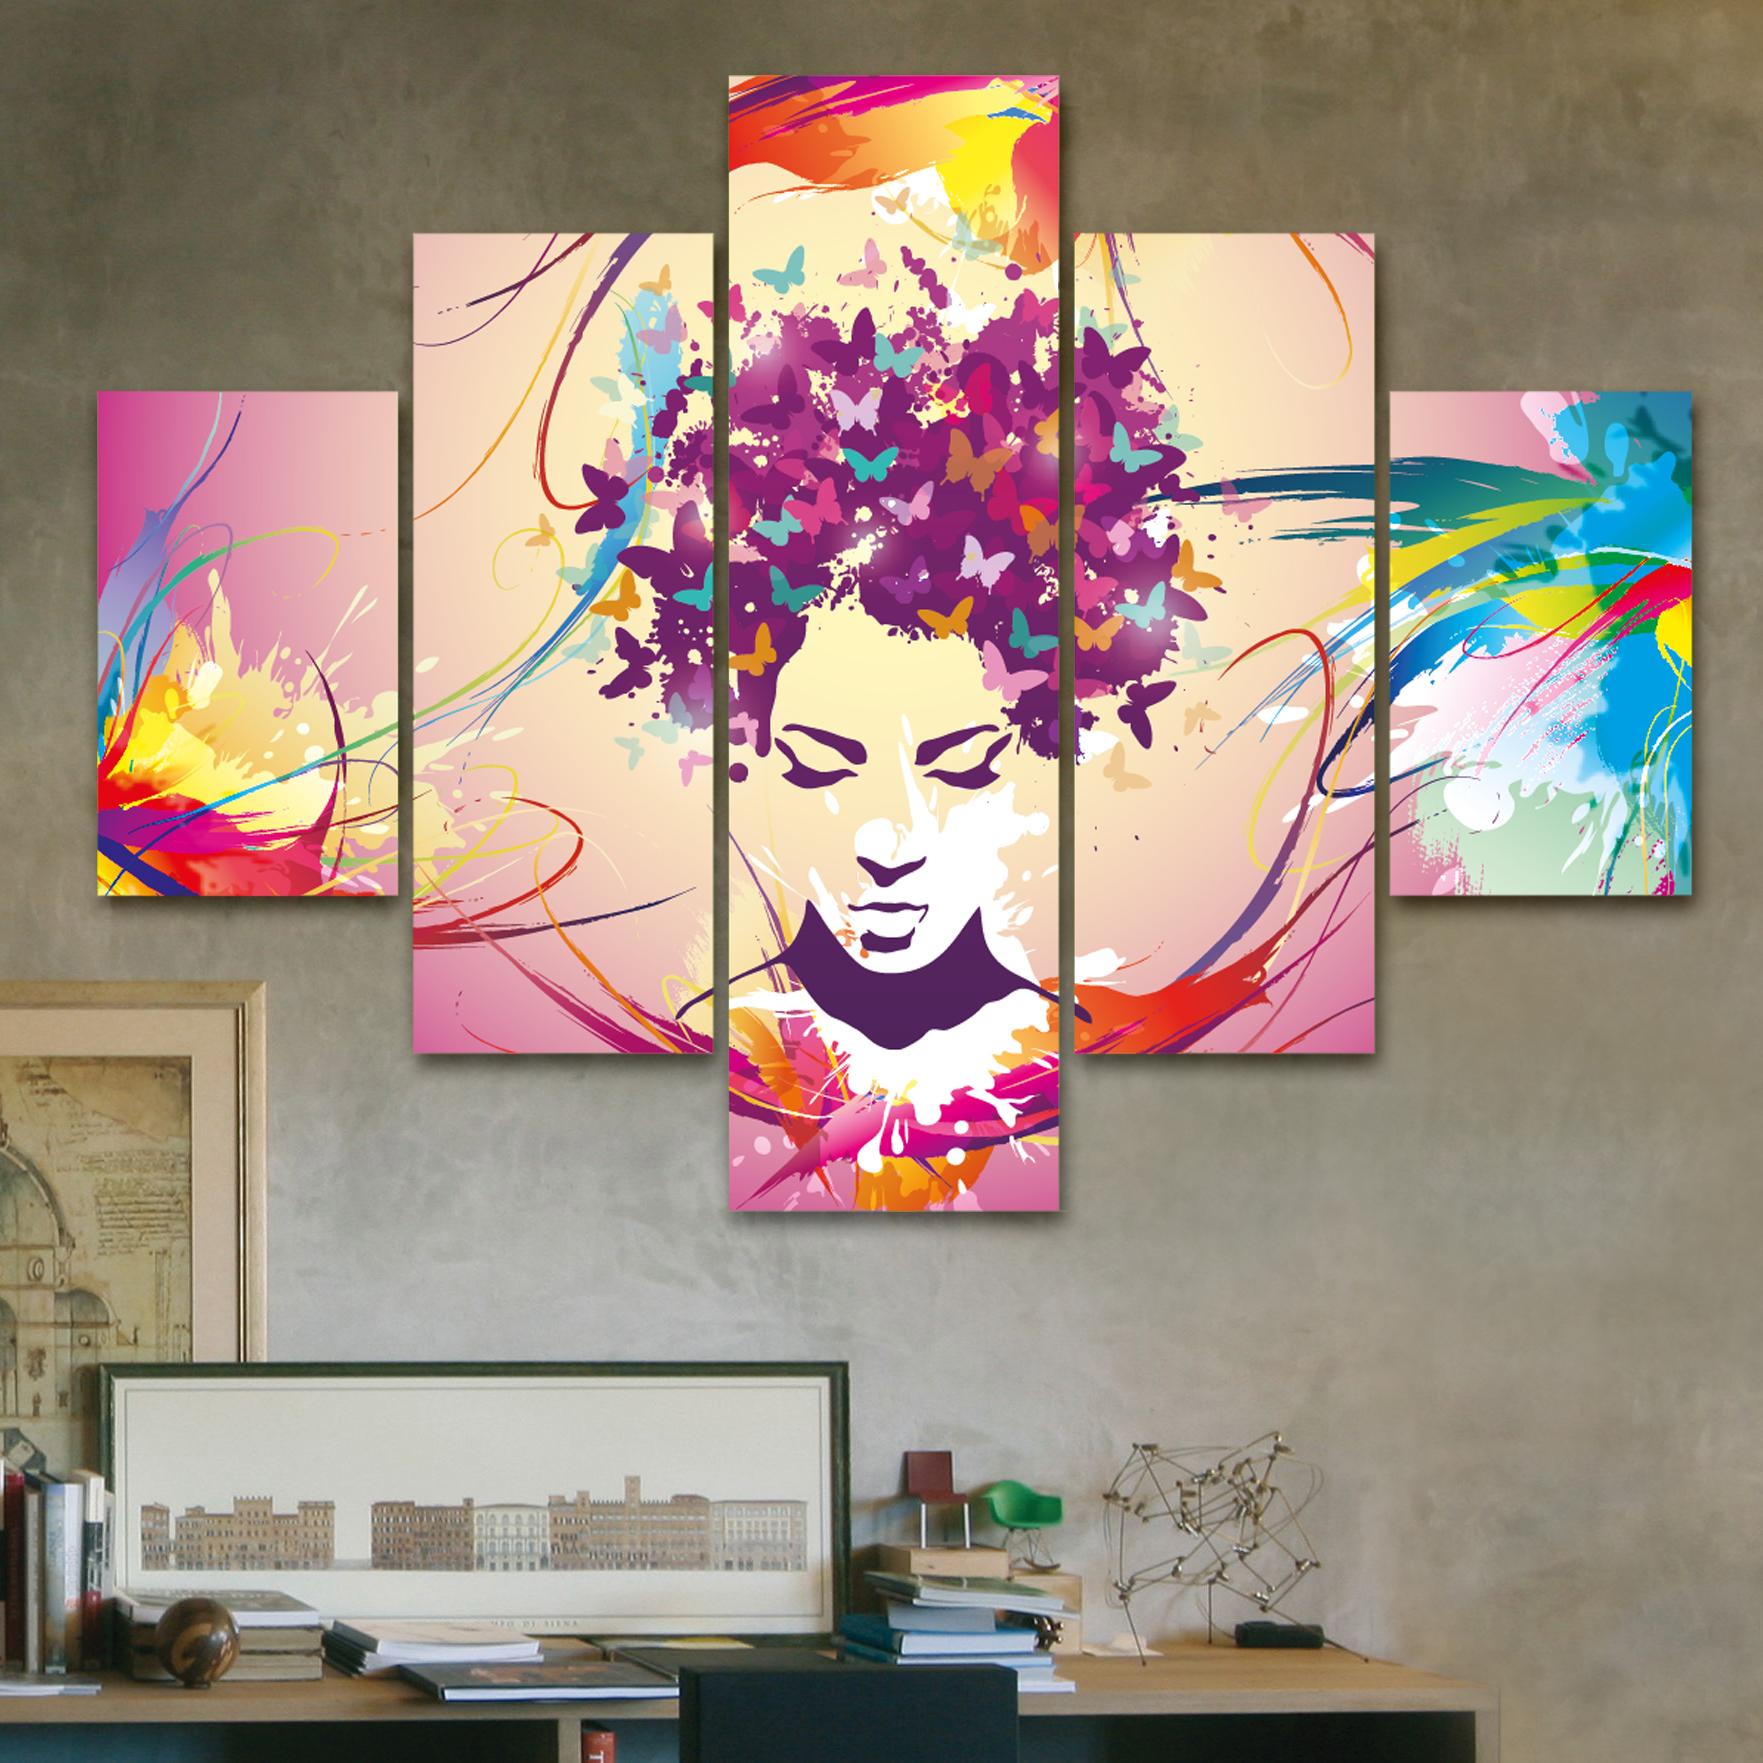 Mariposas en la cabeza 110 cm x 70 cm cuadros decorativos for Donde puedo comprar cuadros decorativos